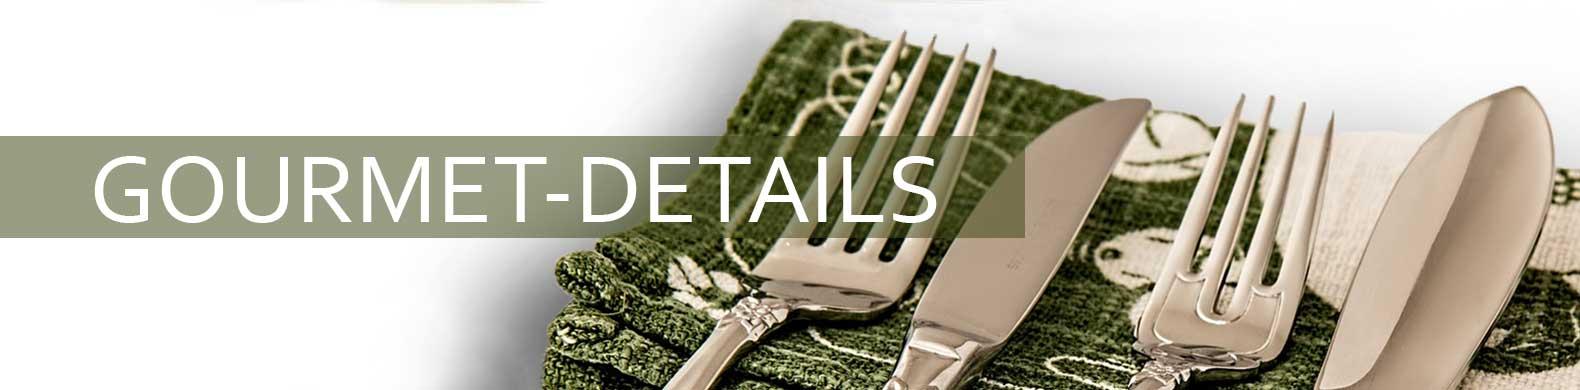 Gourmet-Details Banner sind über einer Serviette drapiert zu sehen.